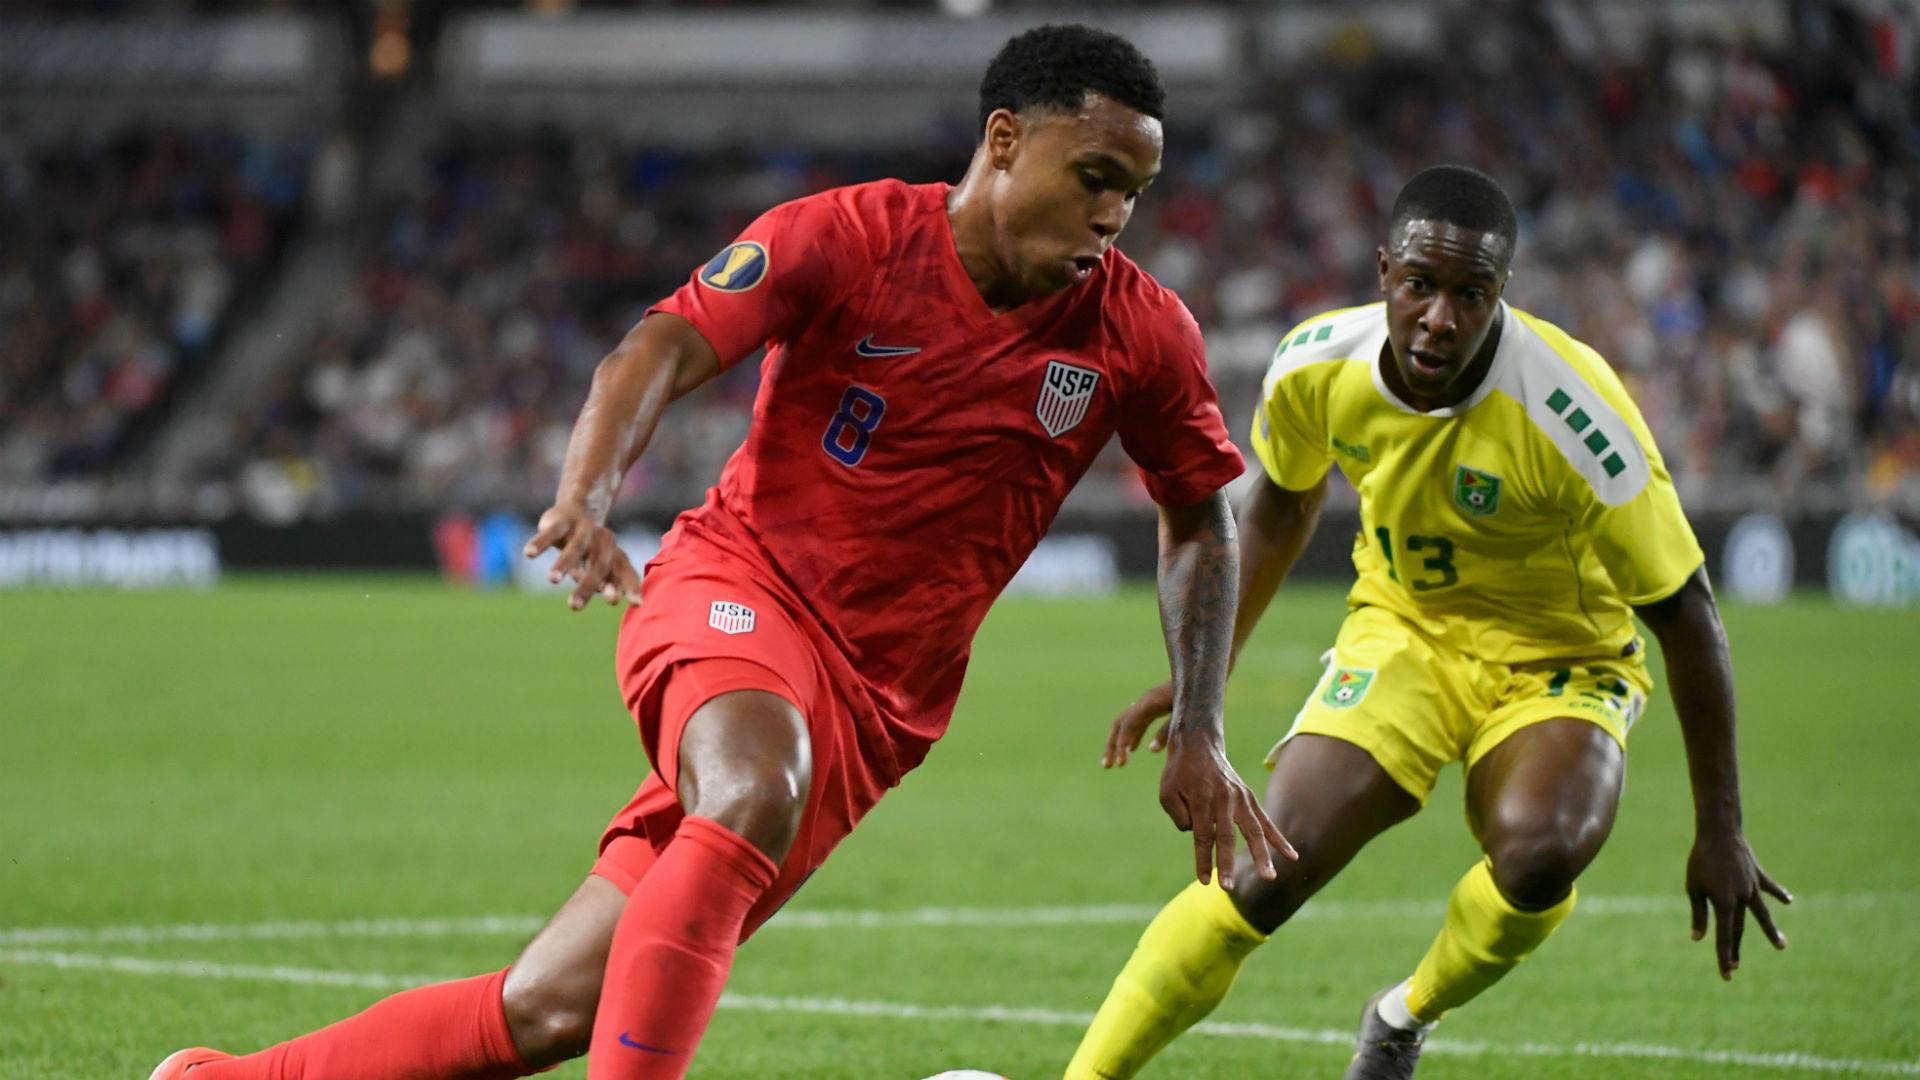 Weston McKennie USA USMNT Gold Cup 2019